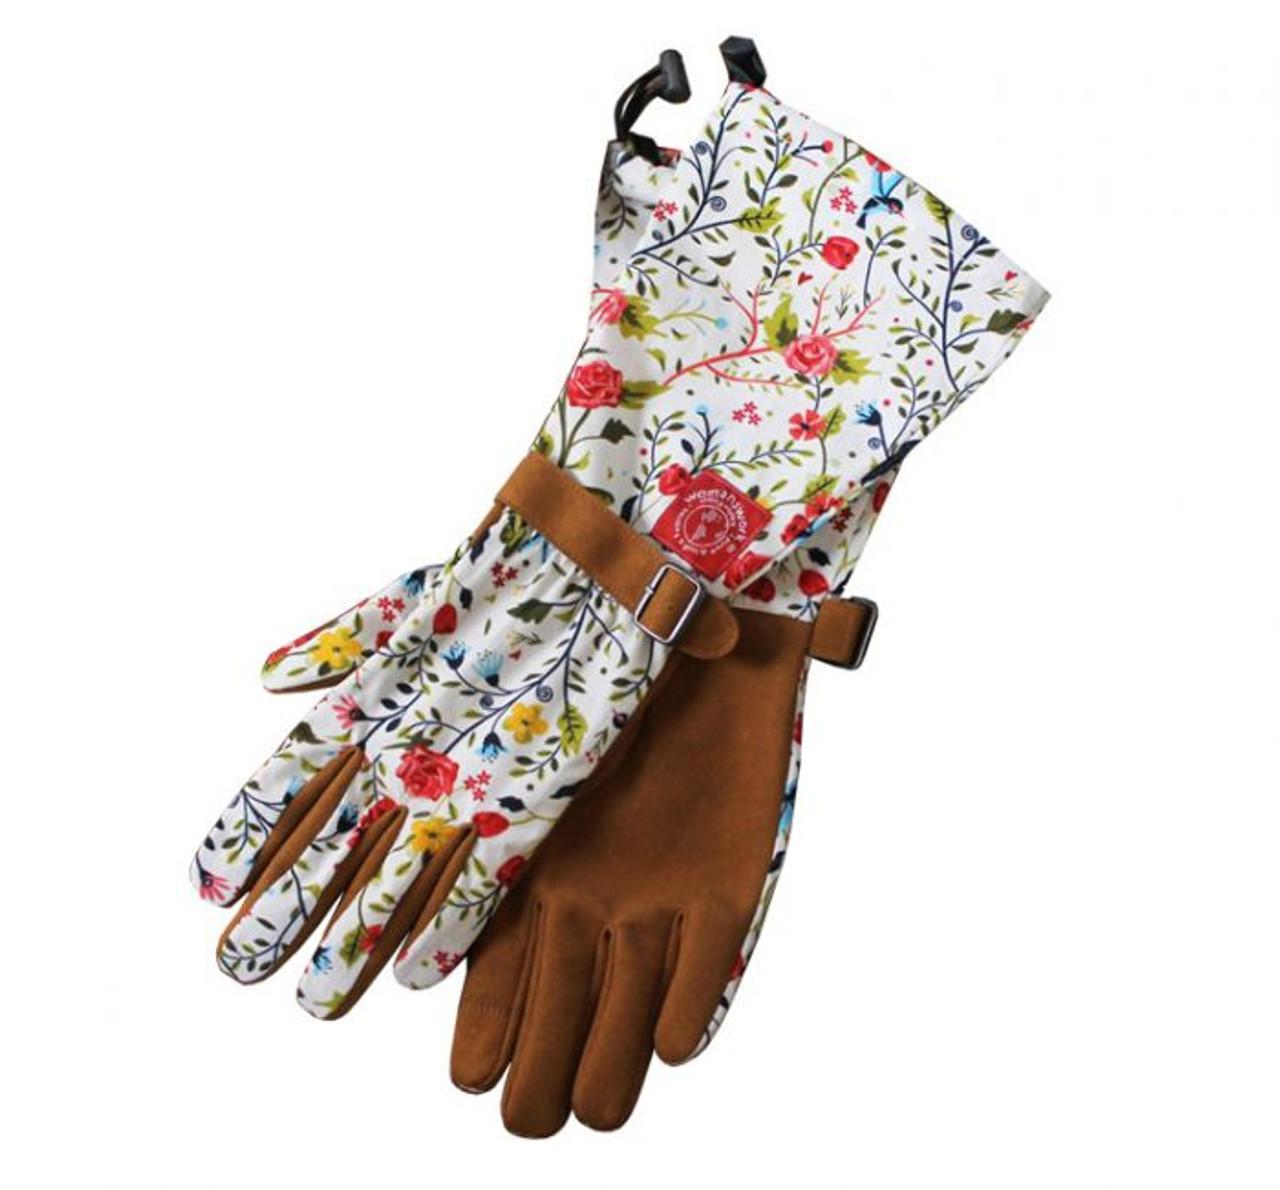 Garden of Paradise Floral Arm Saver Garden Gloves in Medium - THE BEACH  PLUM COMPANY